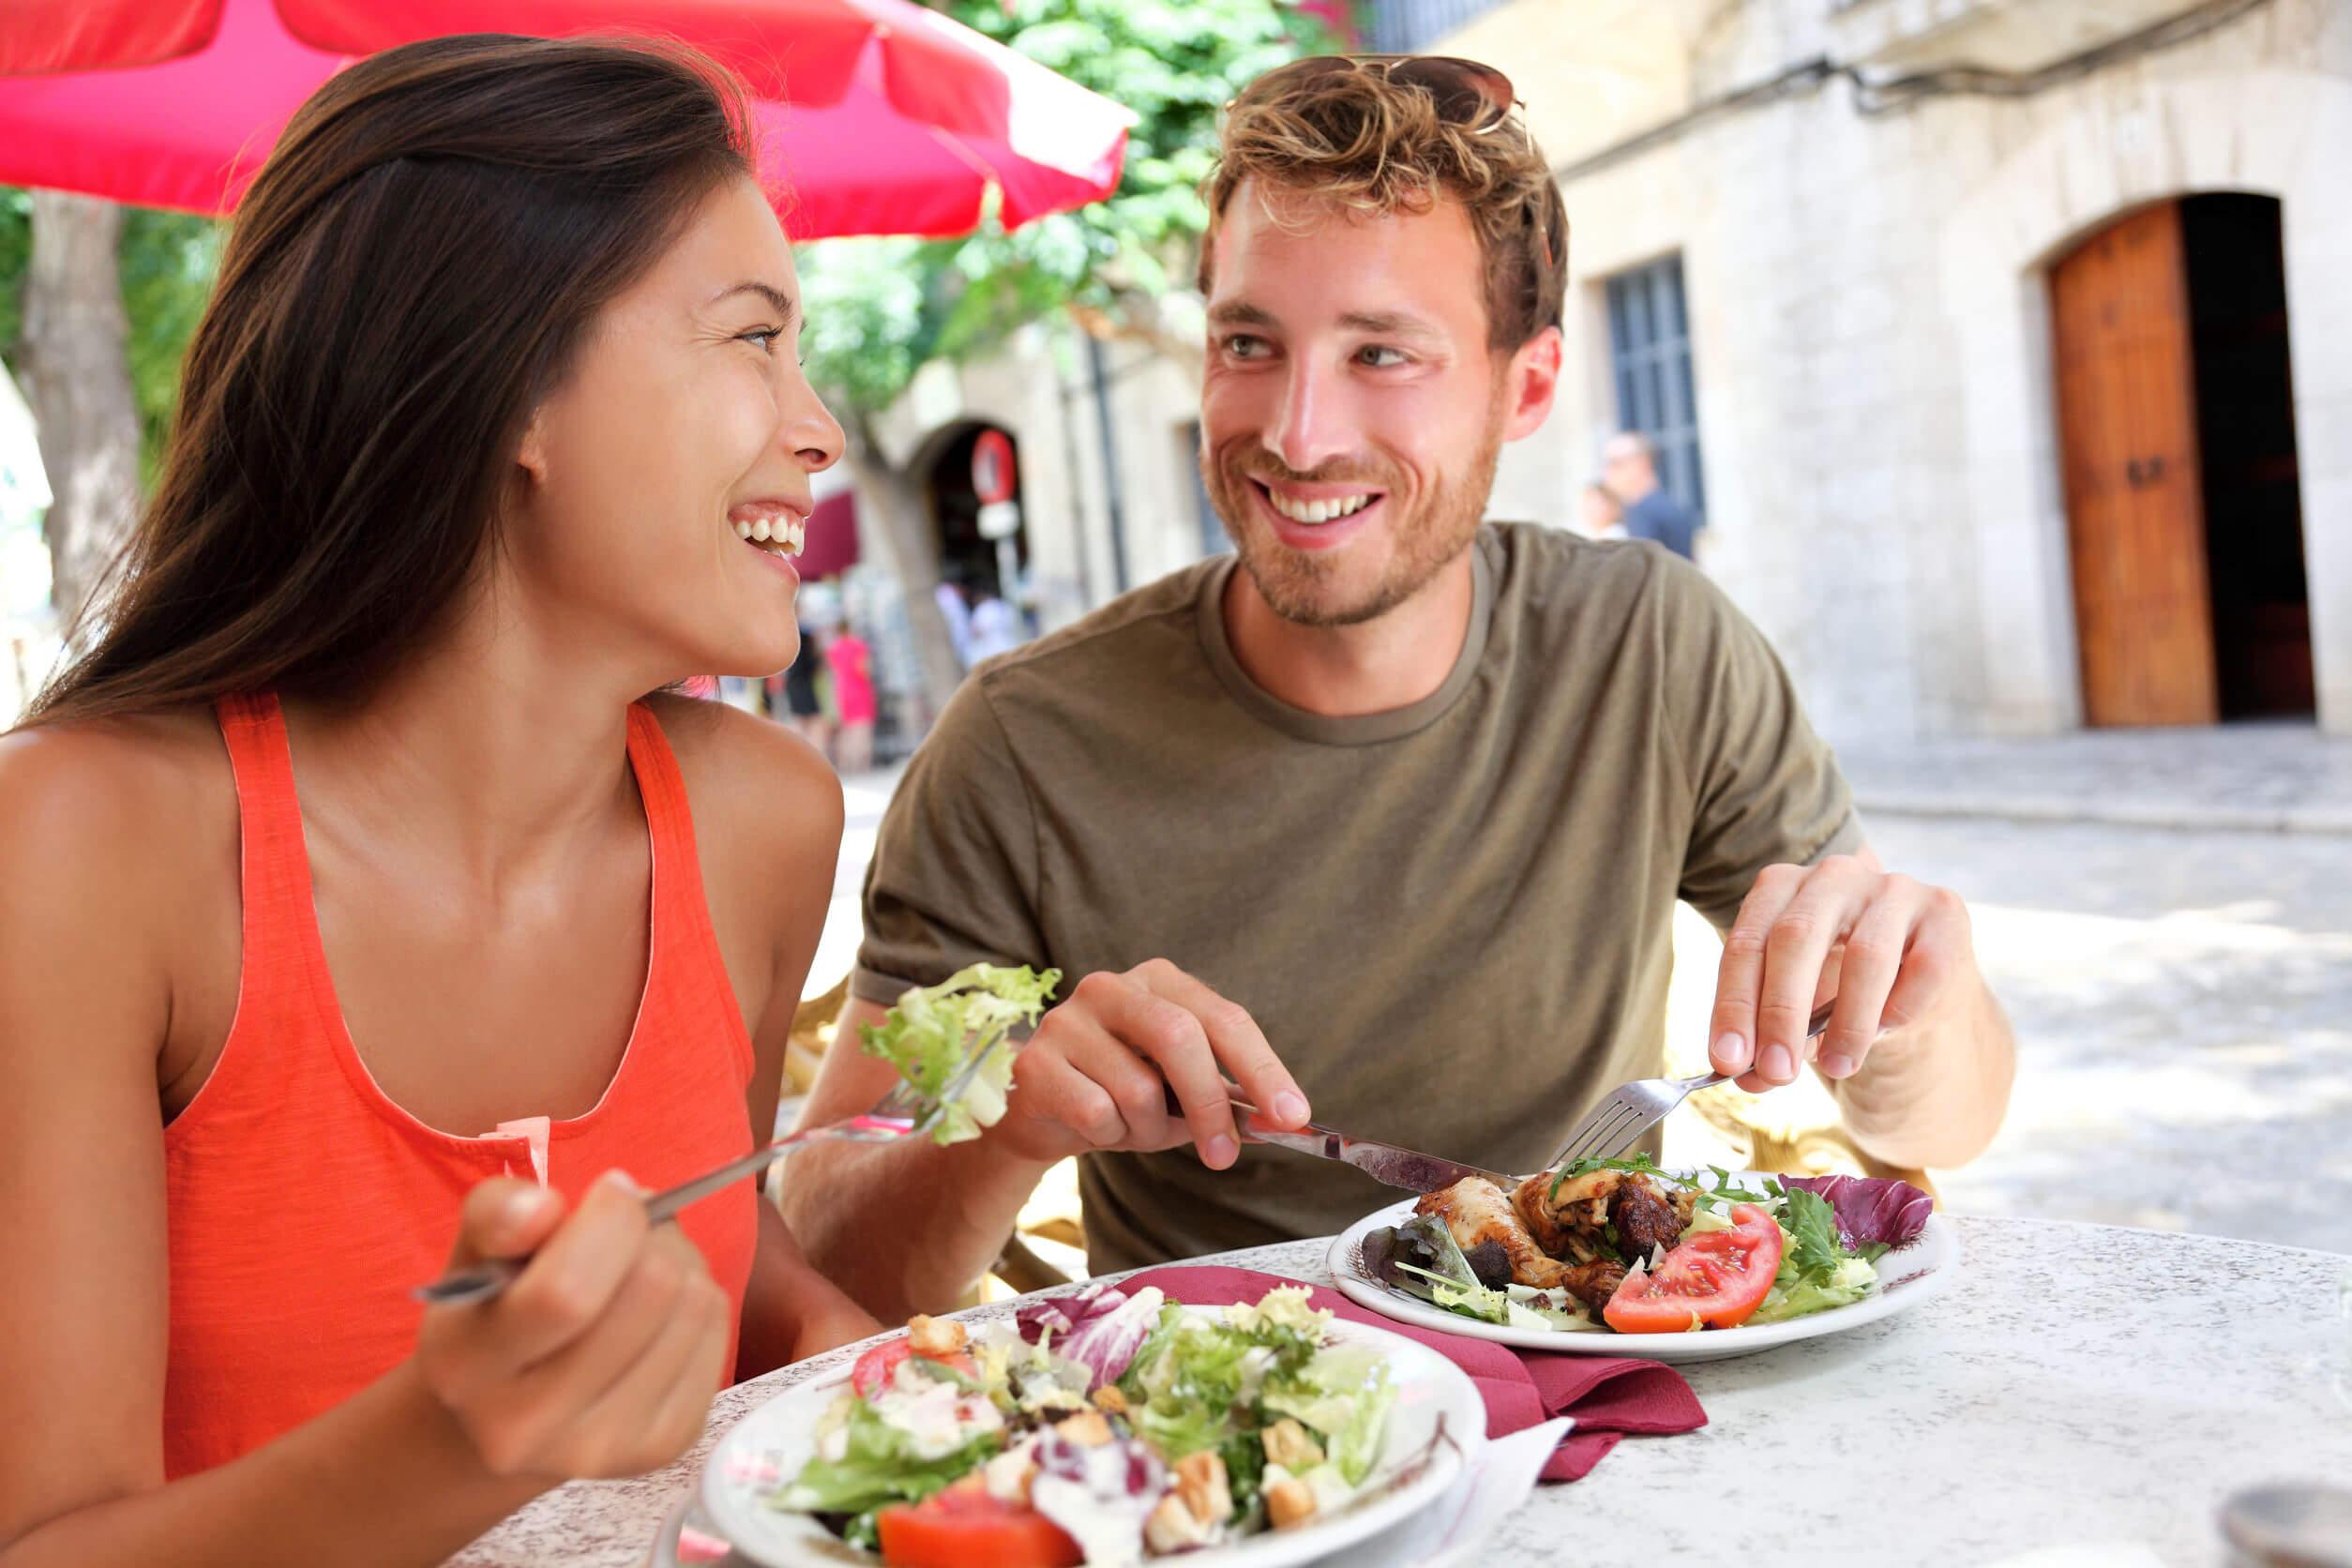 Une bonne nutrition vous permet de prendre soin de vos ongles et de votre peau.